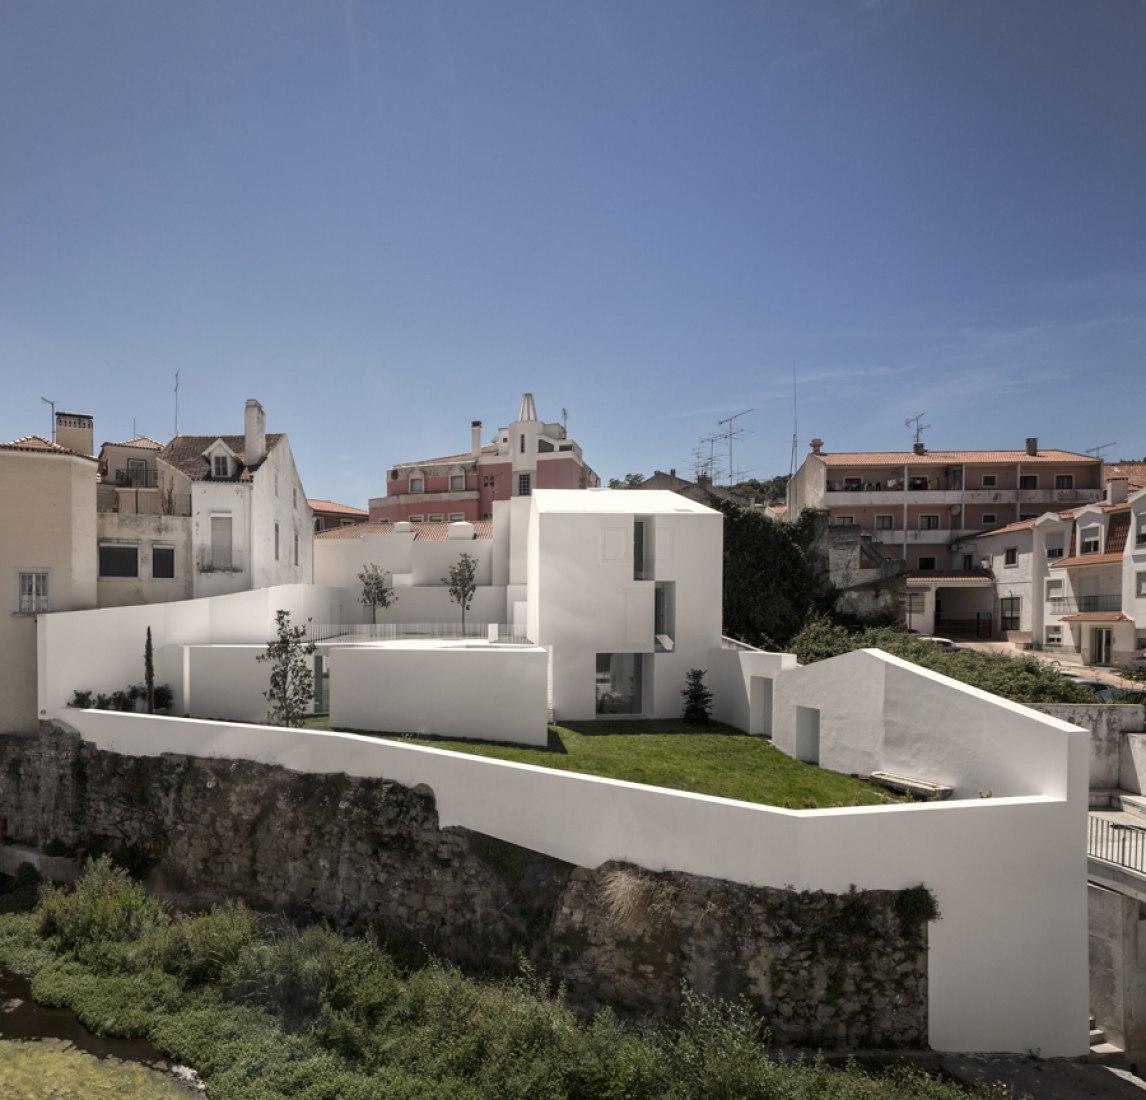 House in Alcobaça by Aires Mateus. Photography © Fernando Guerra | FG+SG.